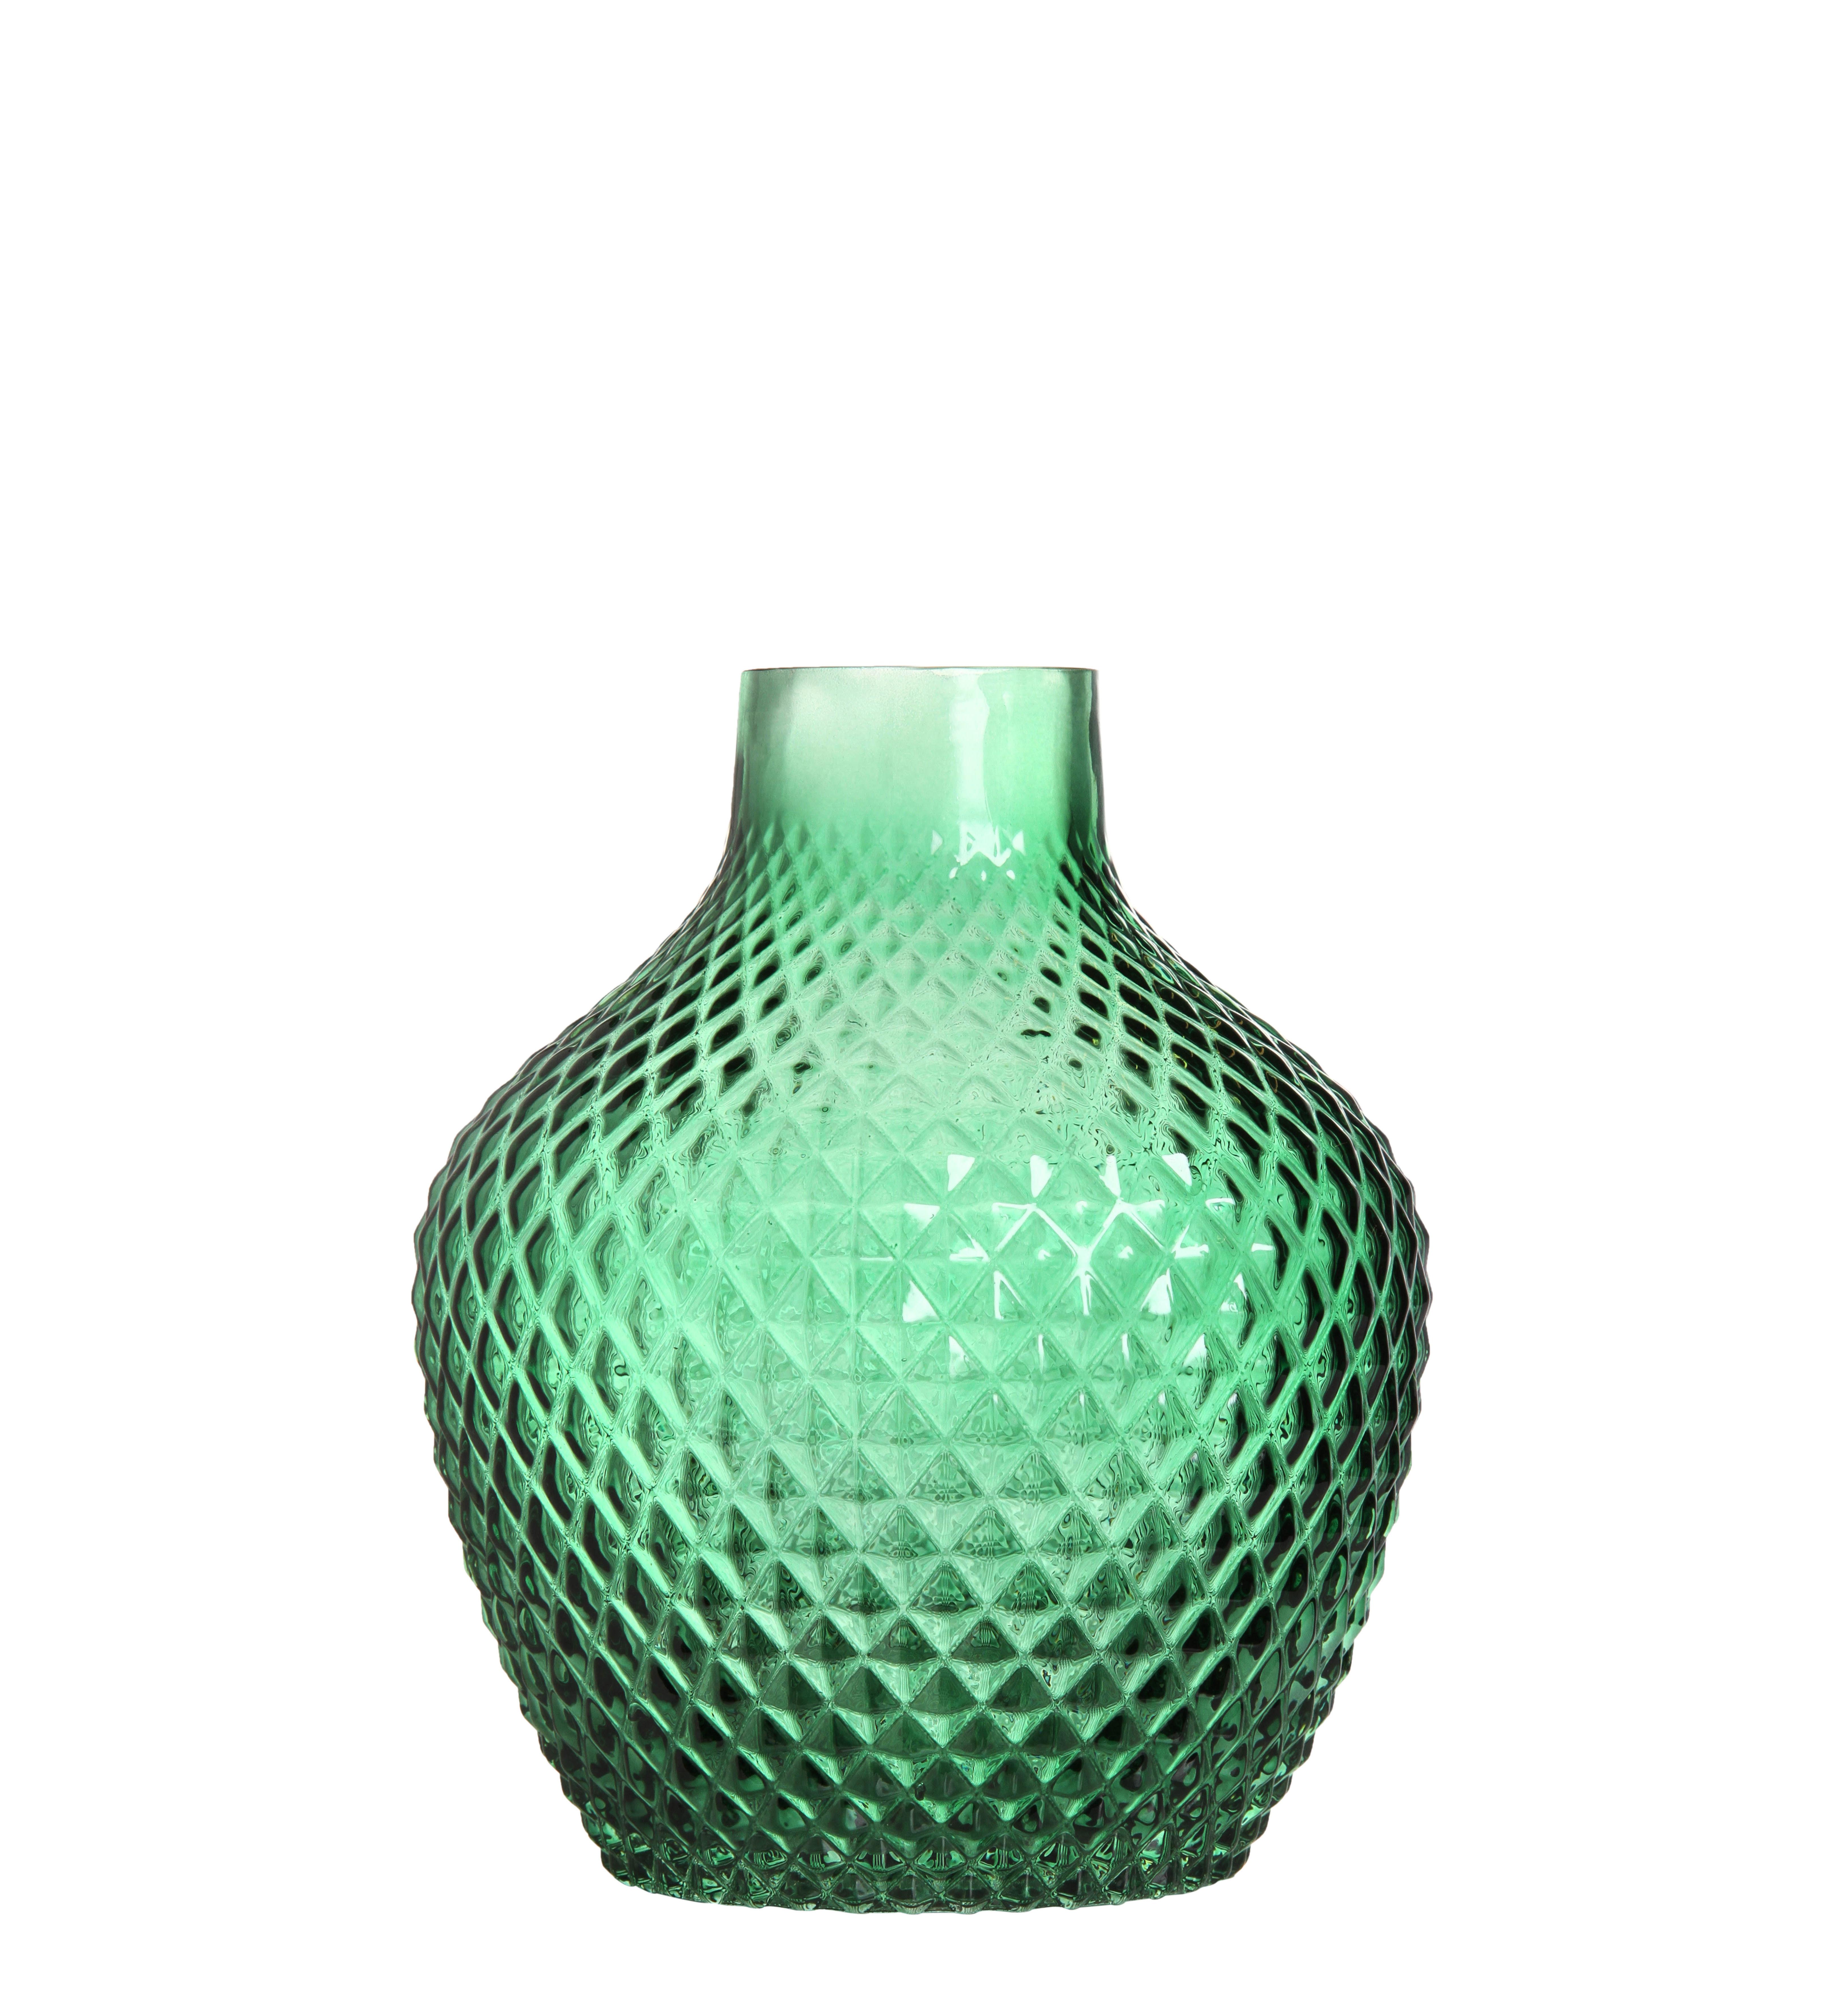 Déco - Vases - Vase 70 Round / Ø 17 x H 20 cm - & klevering - Vert - Verre